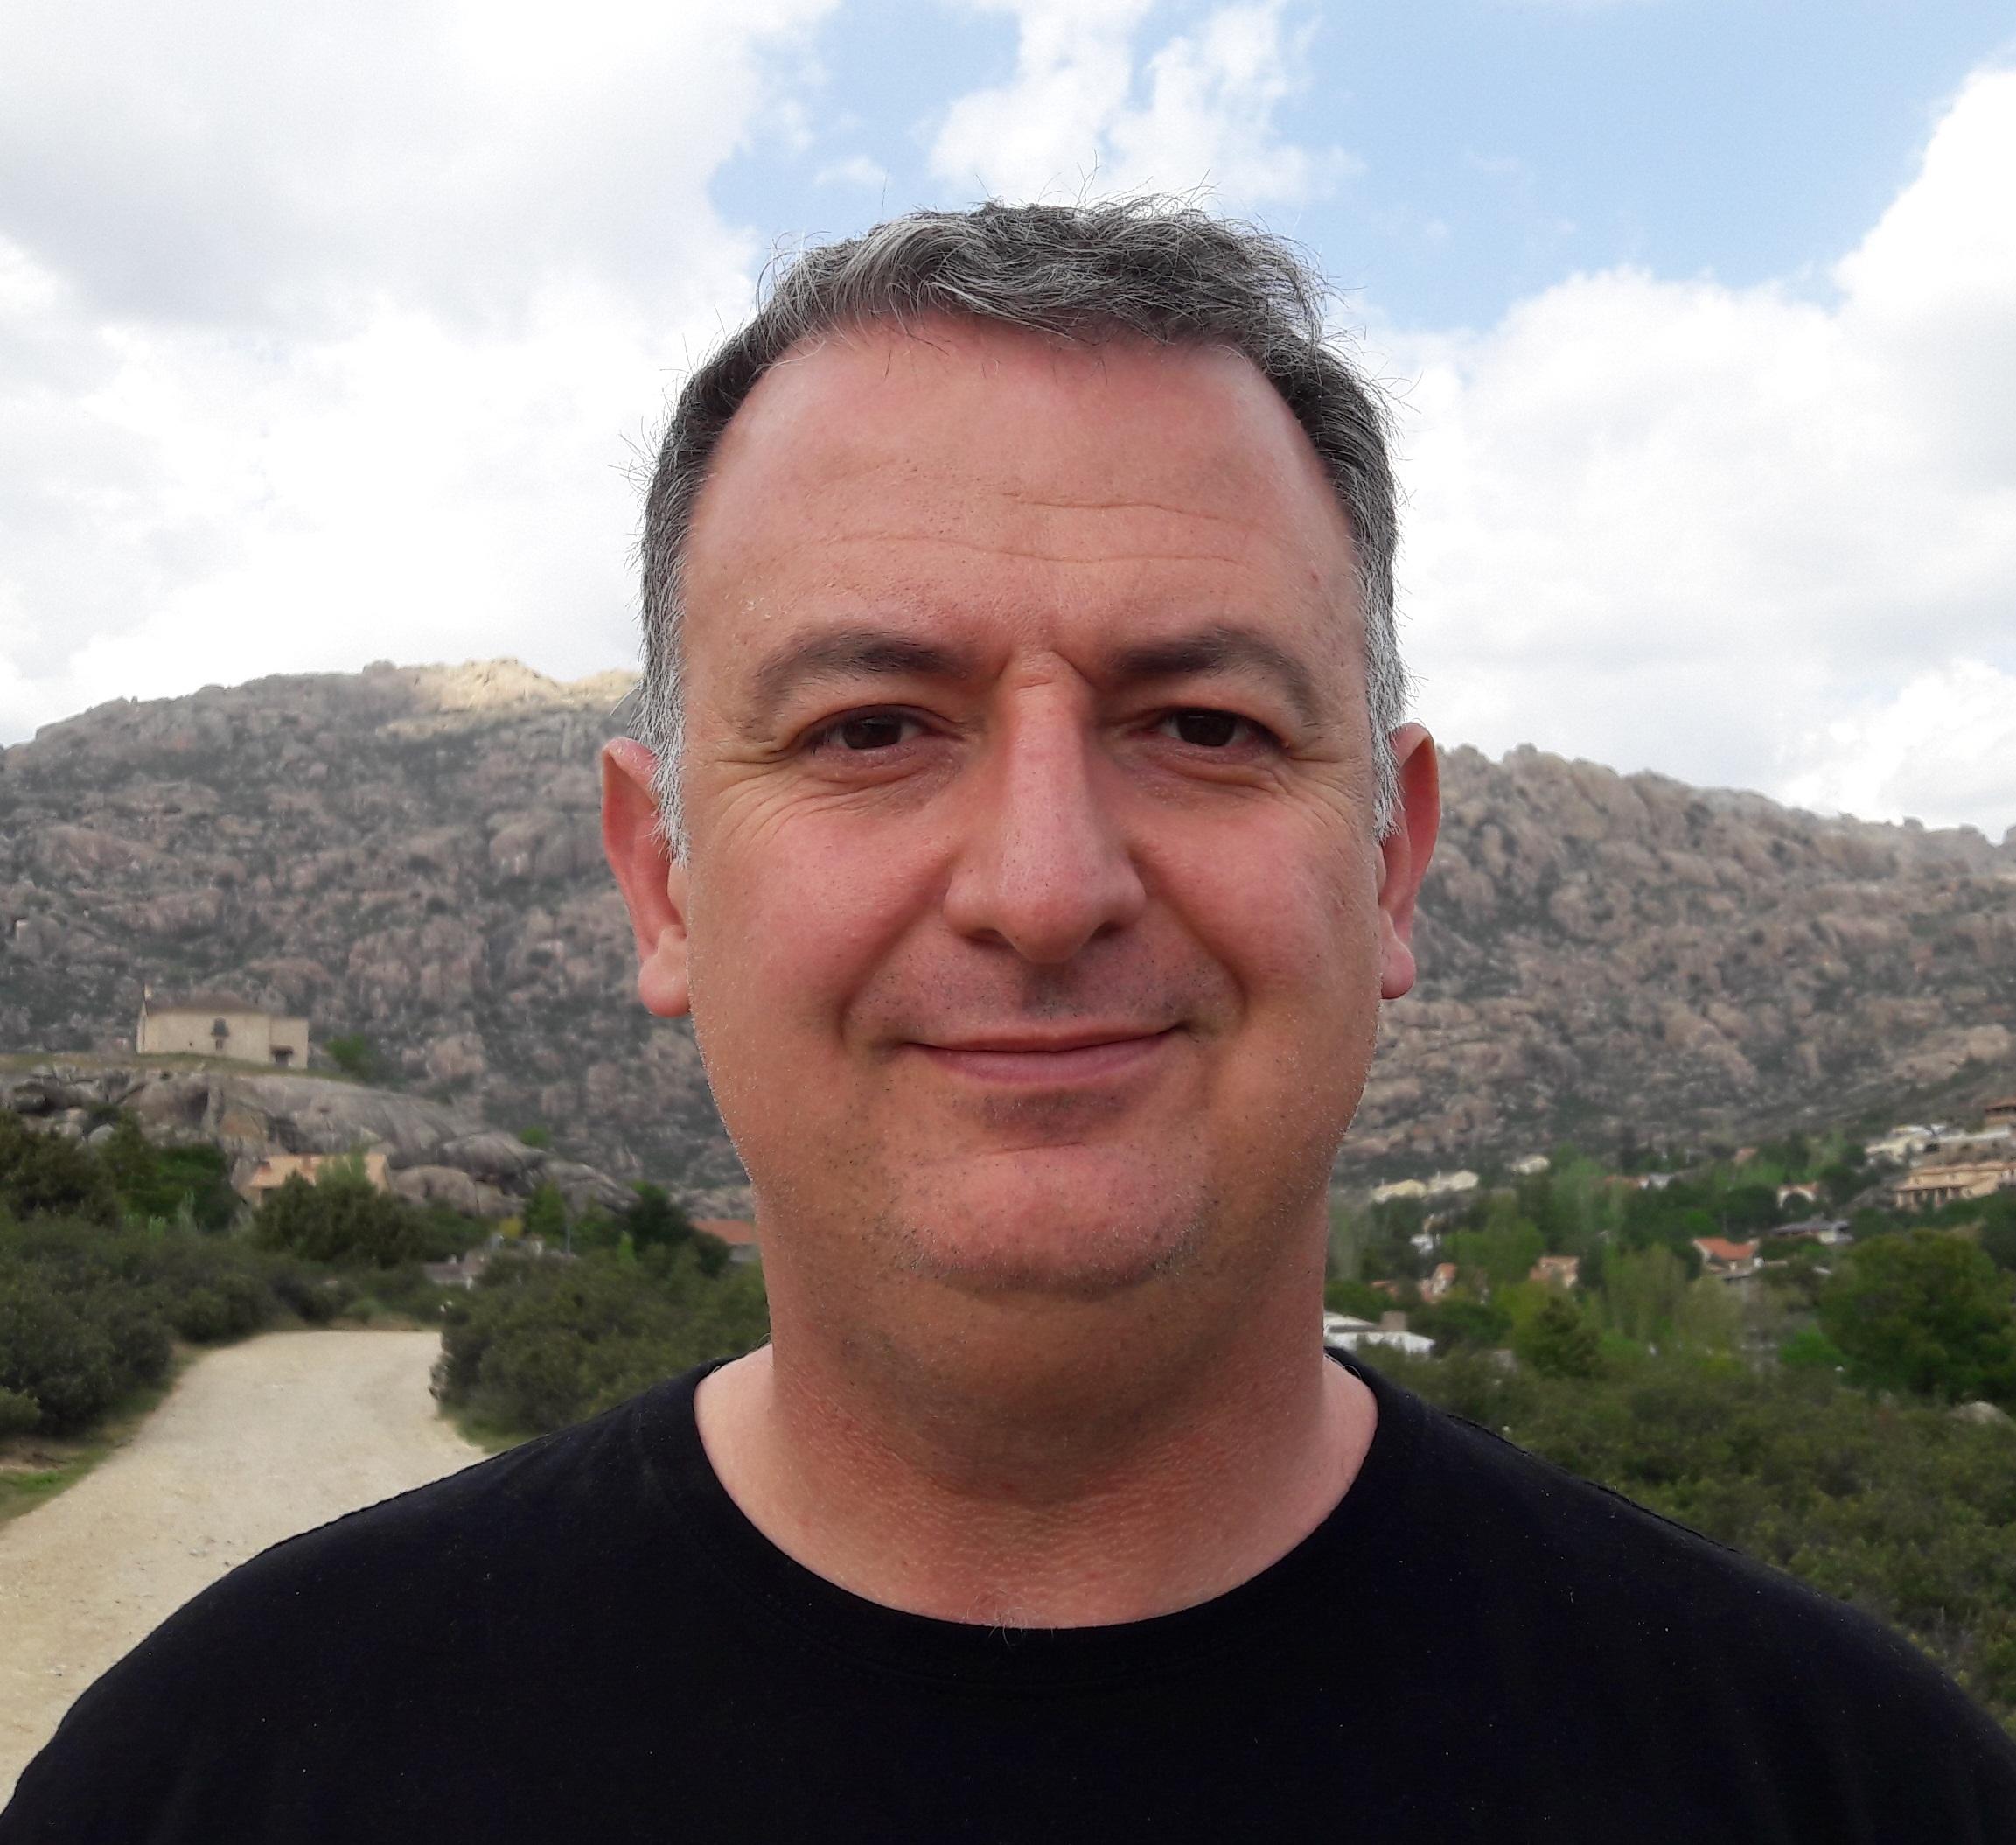 José Enrique García Caballero